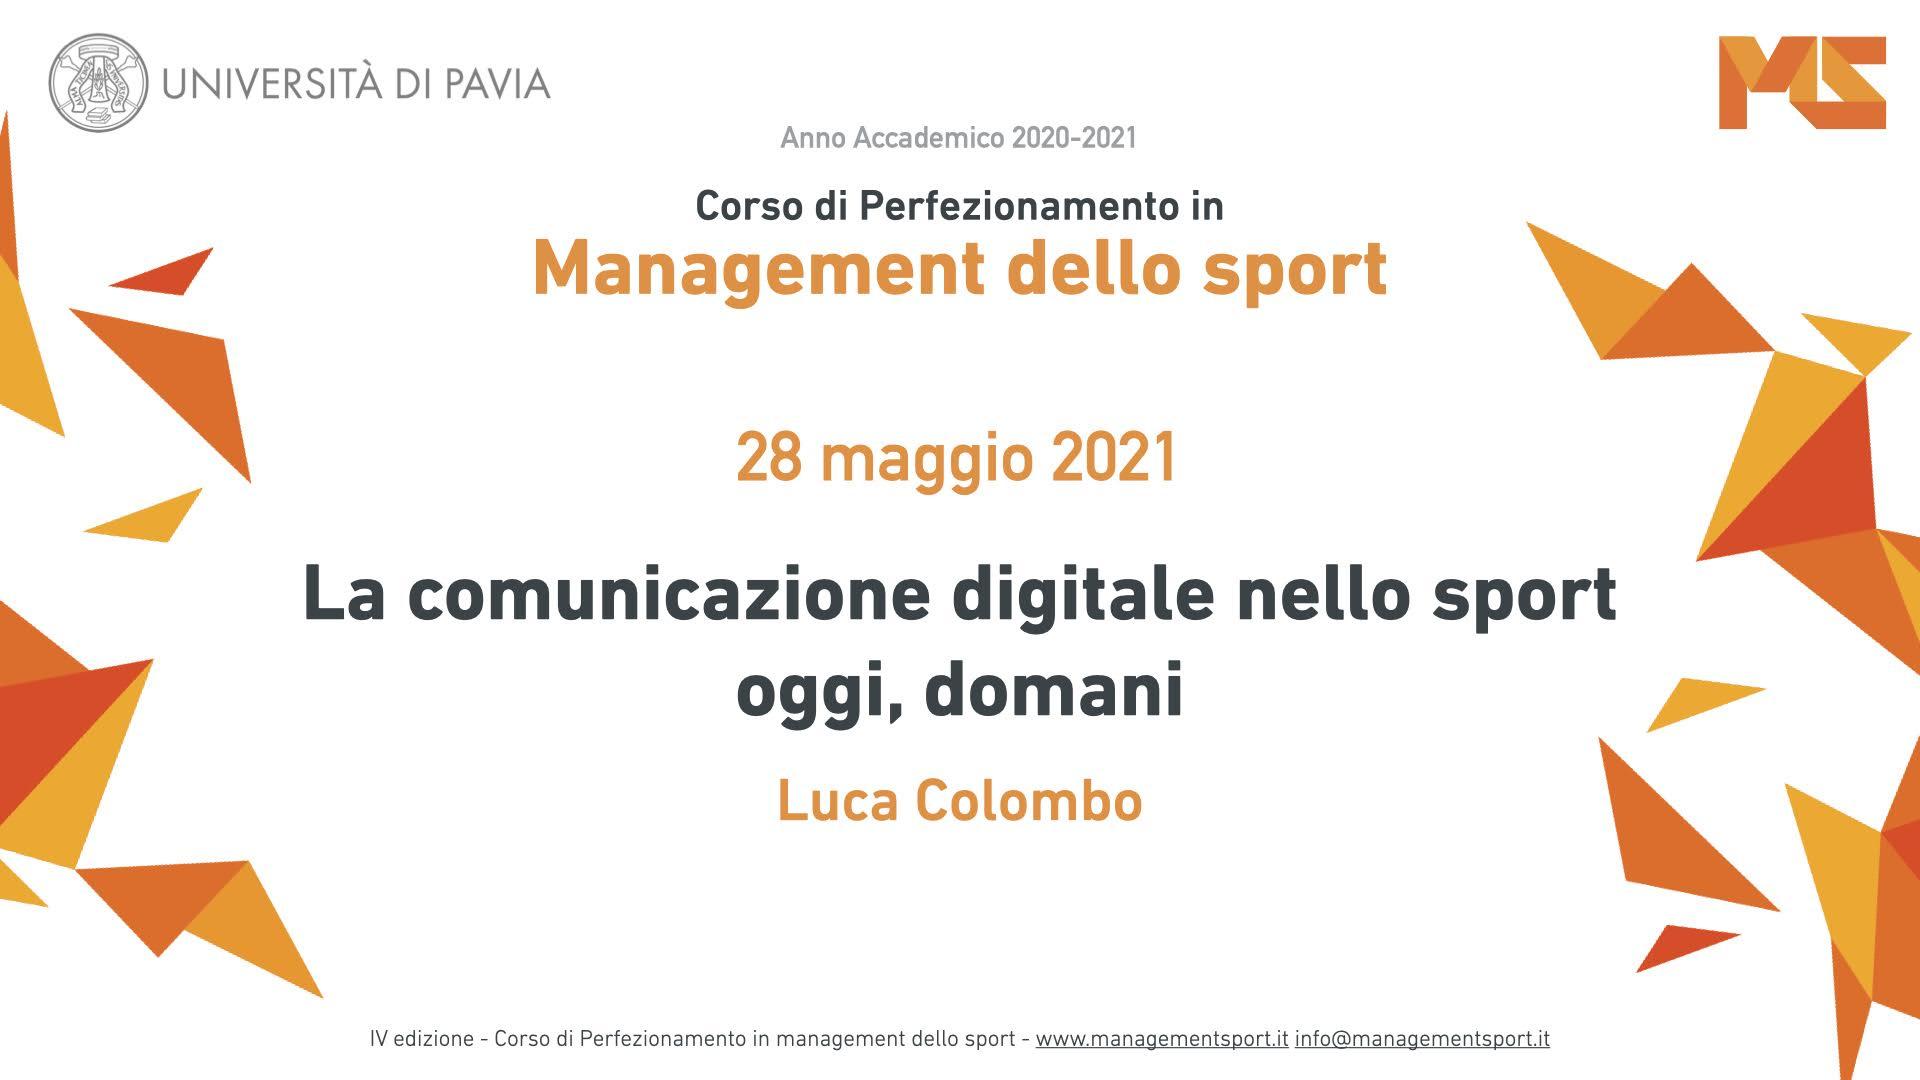 Comunicare lo sport secondo Facebook: Luca Colombo docente al corso di management